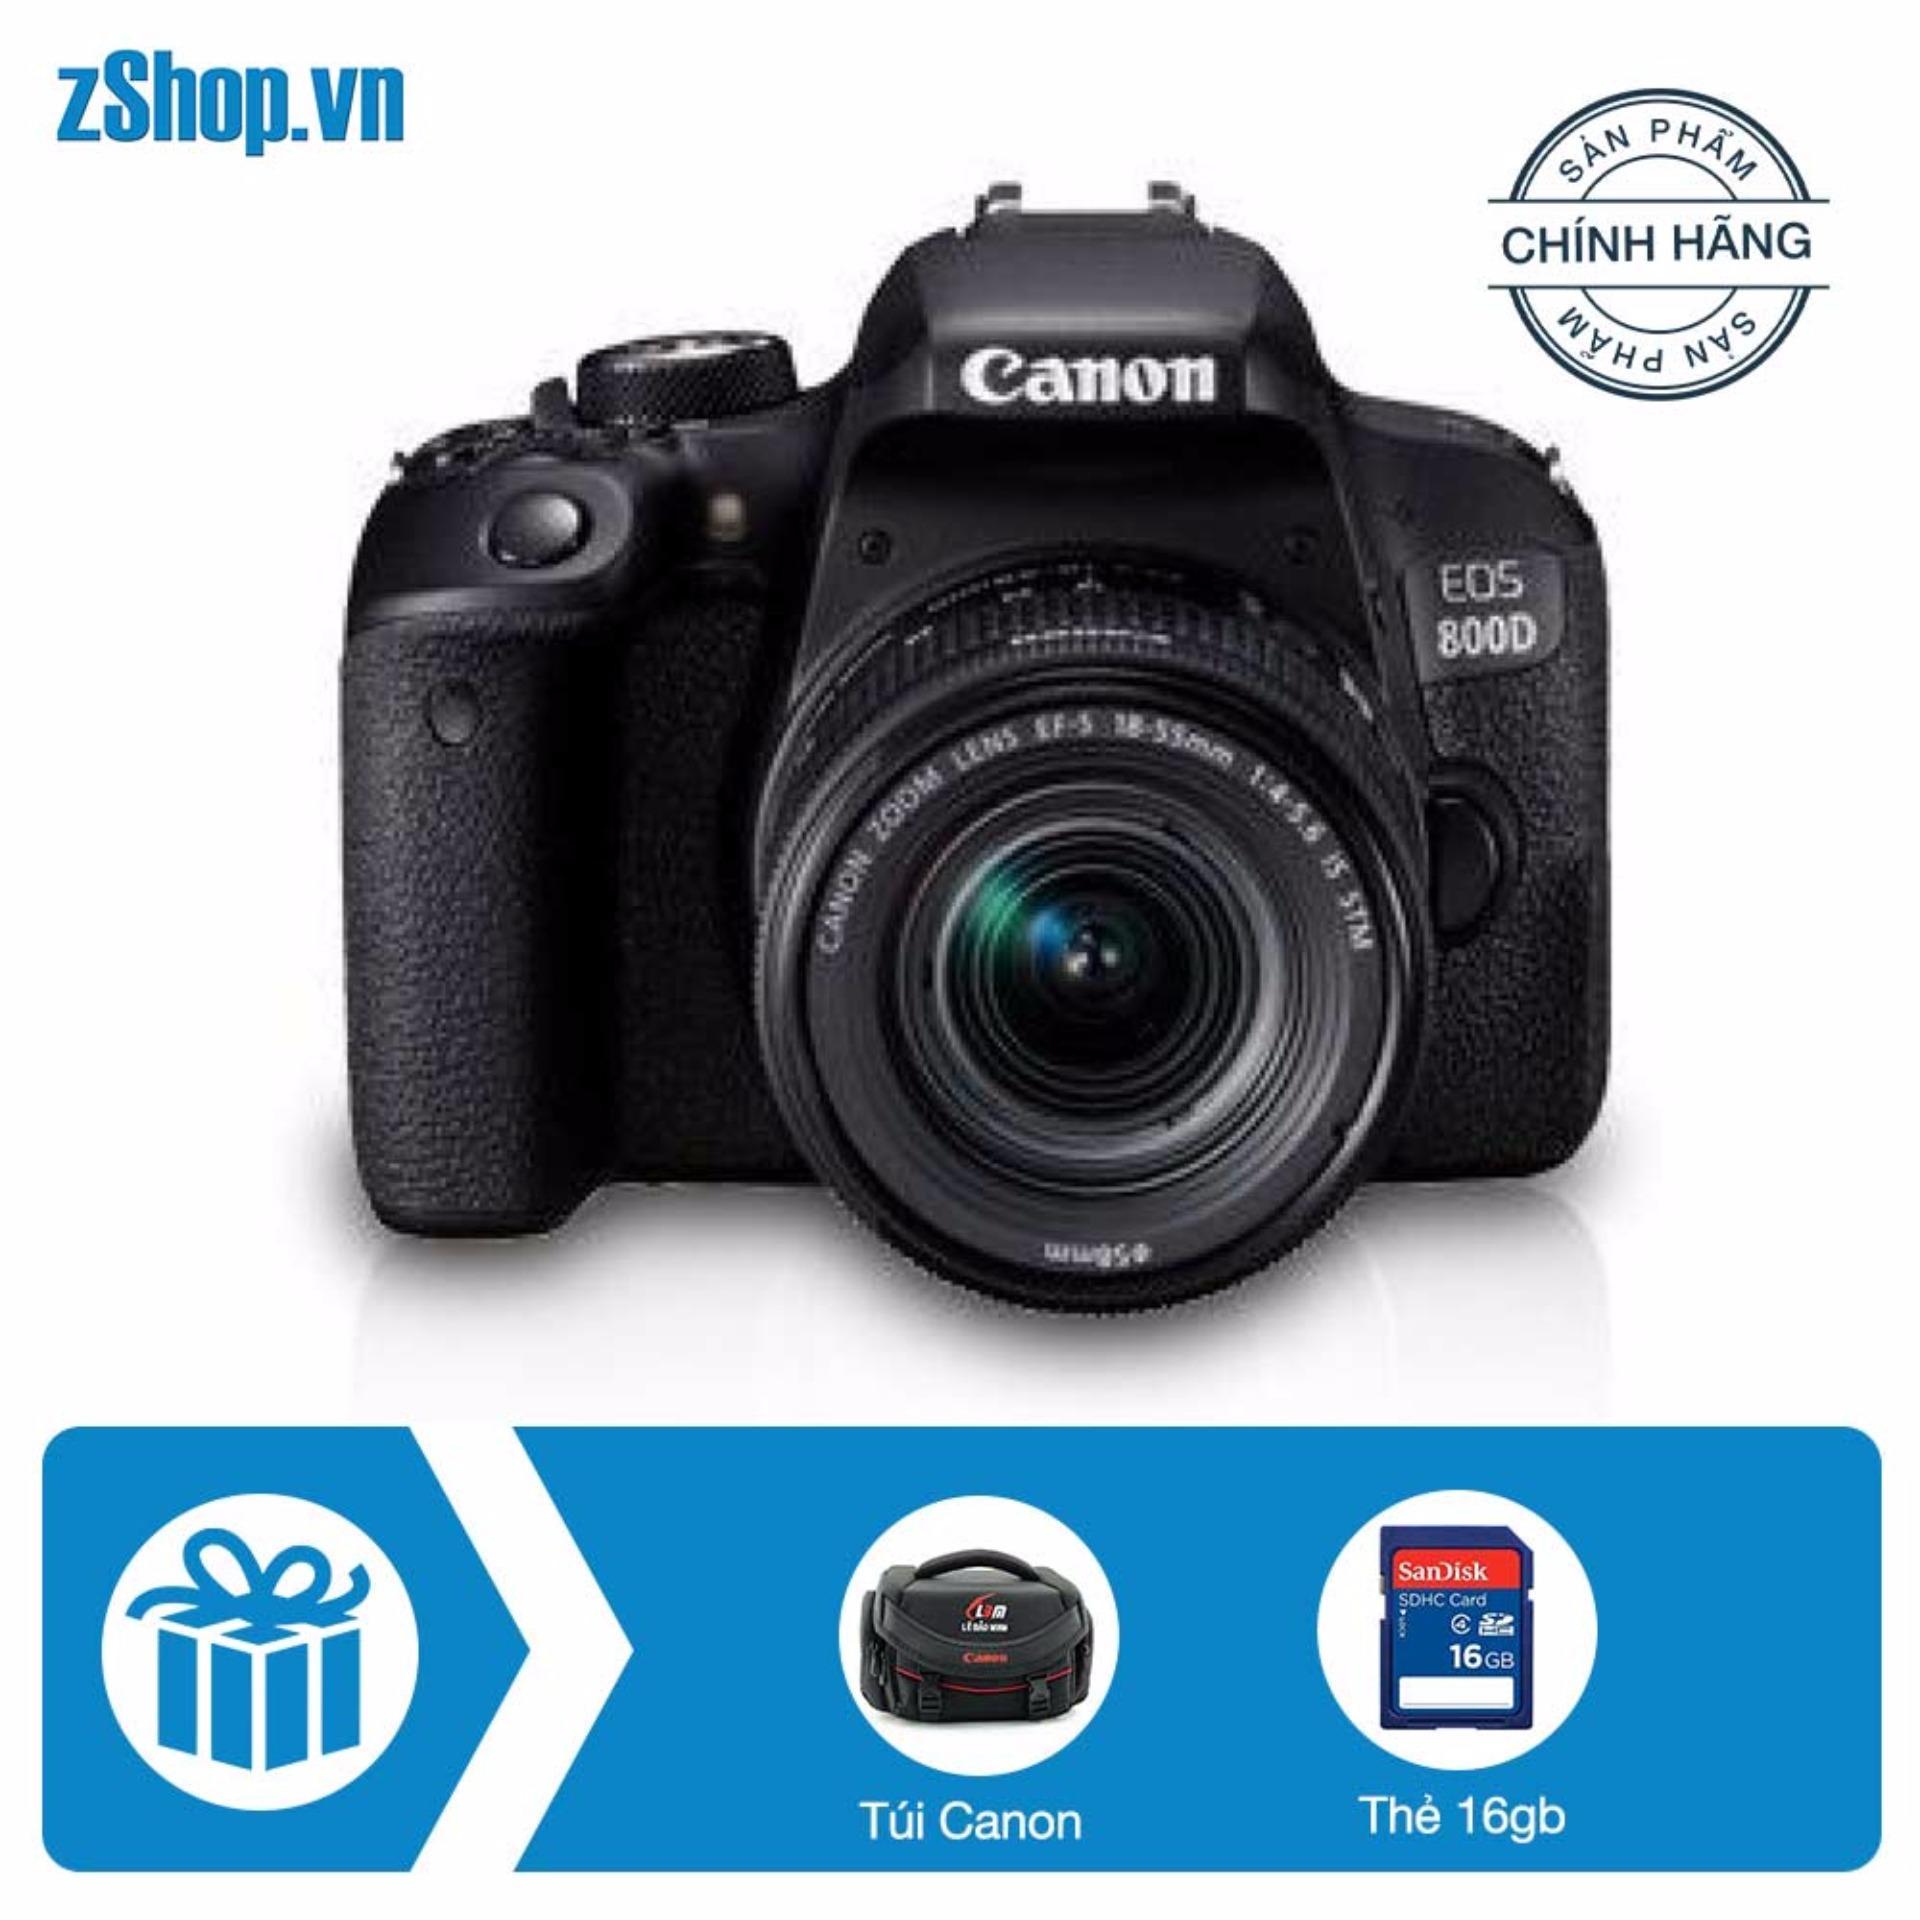 Bảng Báo Giá Canon EOS 800D kit 18-55mm (Chính hãng Lê Bảo Minh) + Tặng khoá học nhiếp ảnh EOS + Thẻ SD 16GB + Túi Canon